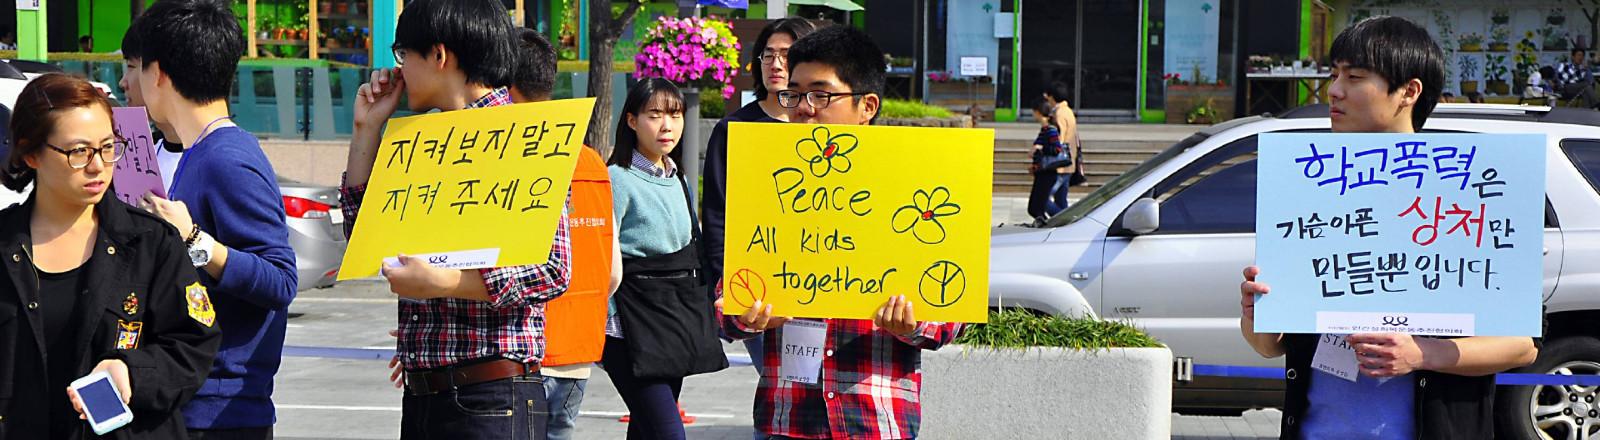 Demo von Schülern gegen Mobbing in Seoul, Südkorea